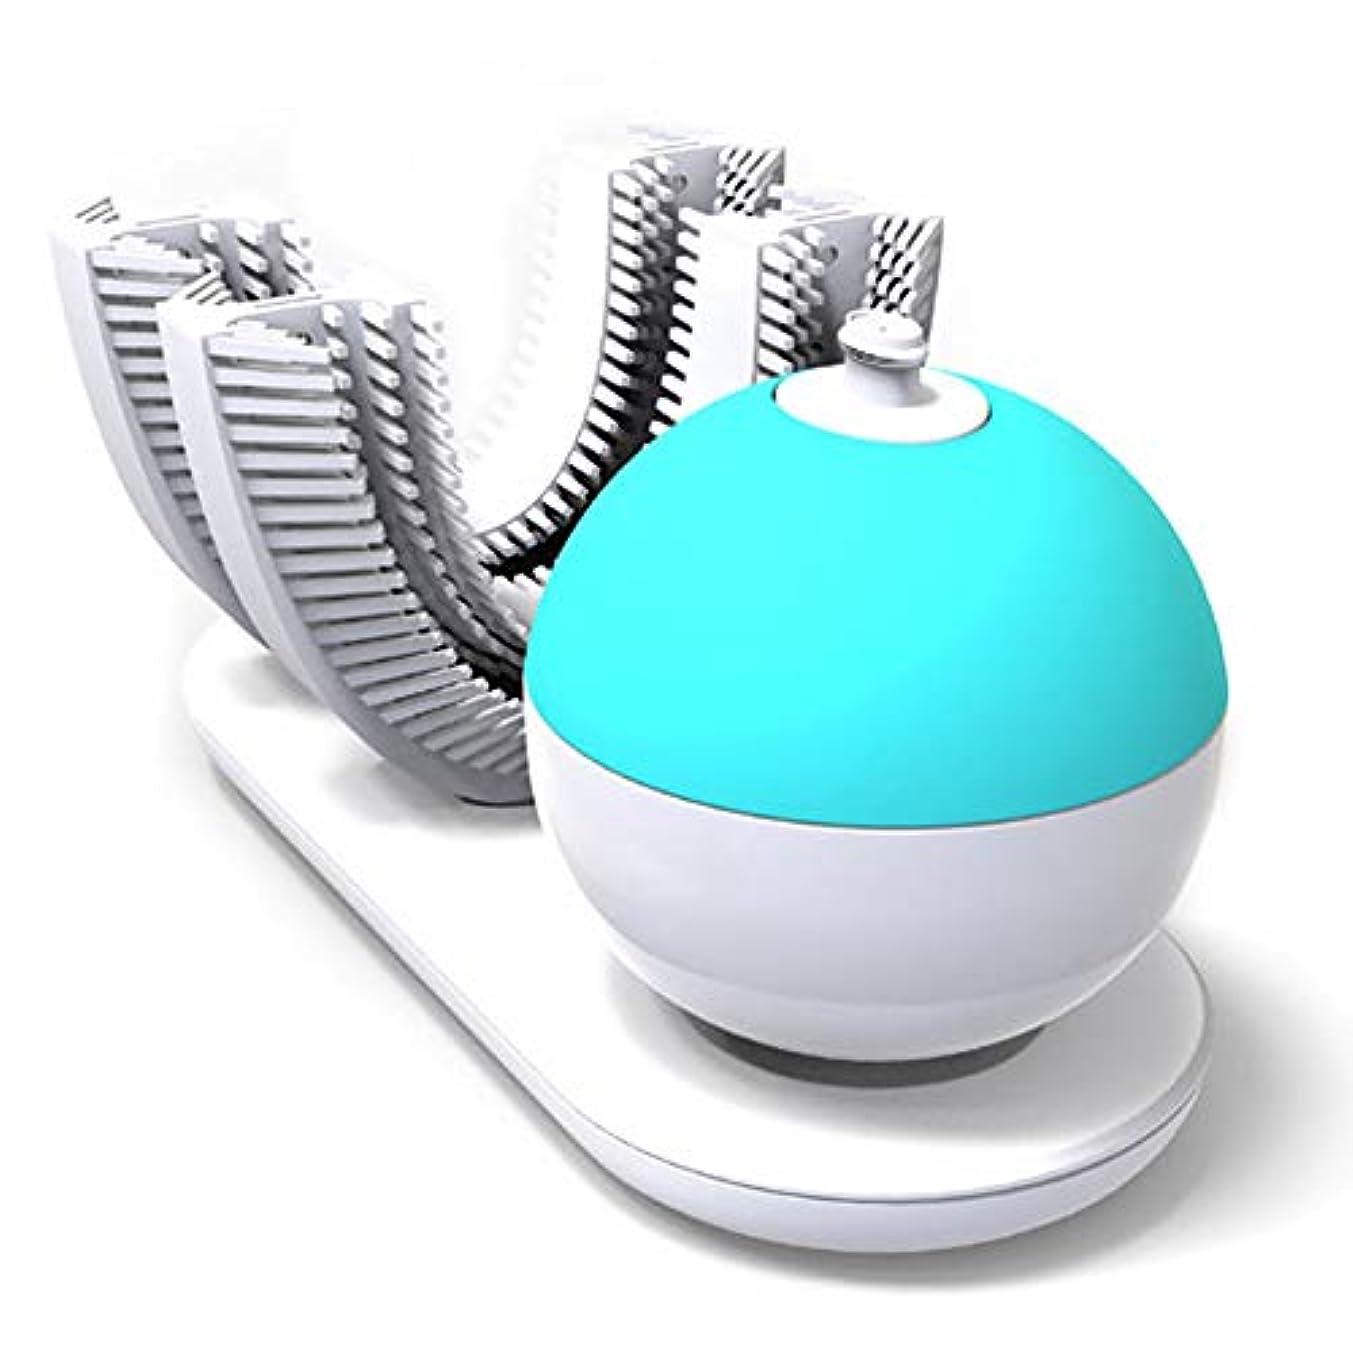 試用黒板労働者フルオートマチック可変周波数電動歯ブラシ、自動360度U字型電動歯ブラシ、ワイヤレス充電IPX7防水自動歯ブラシ(大人用)